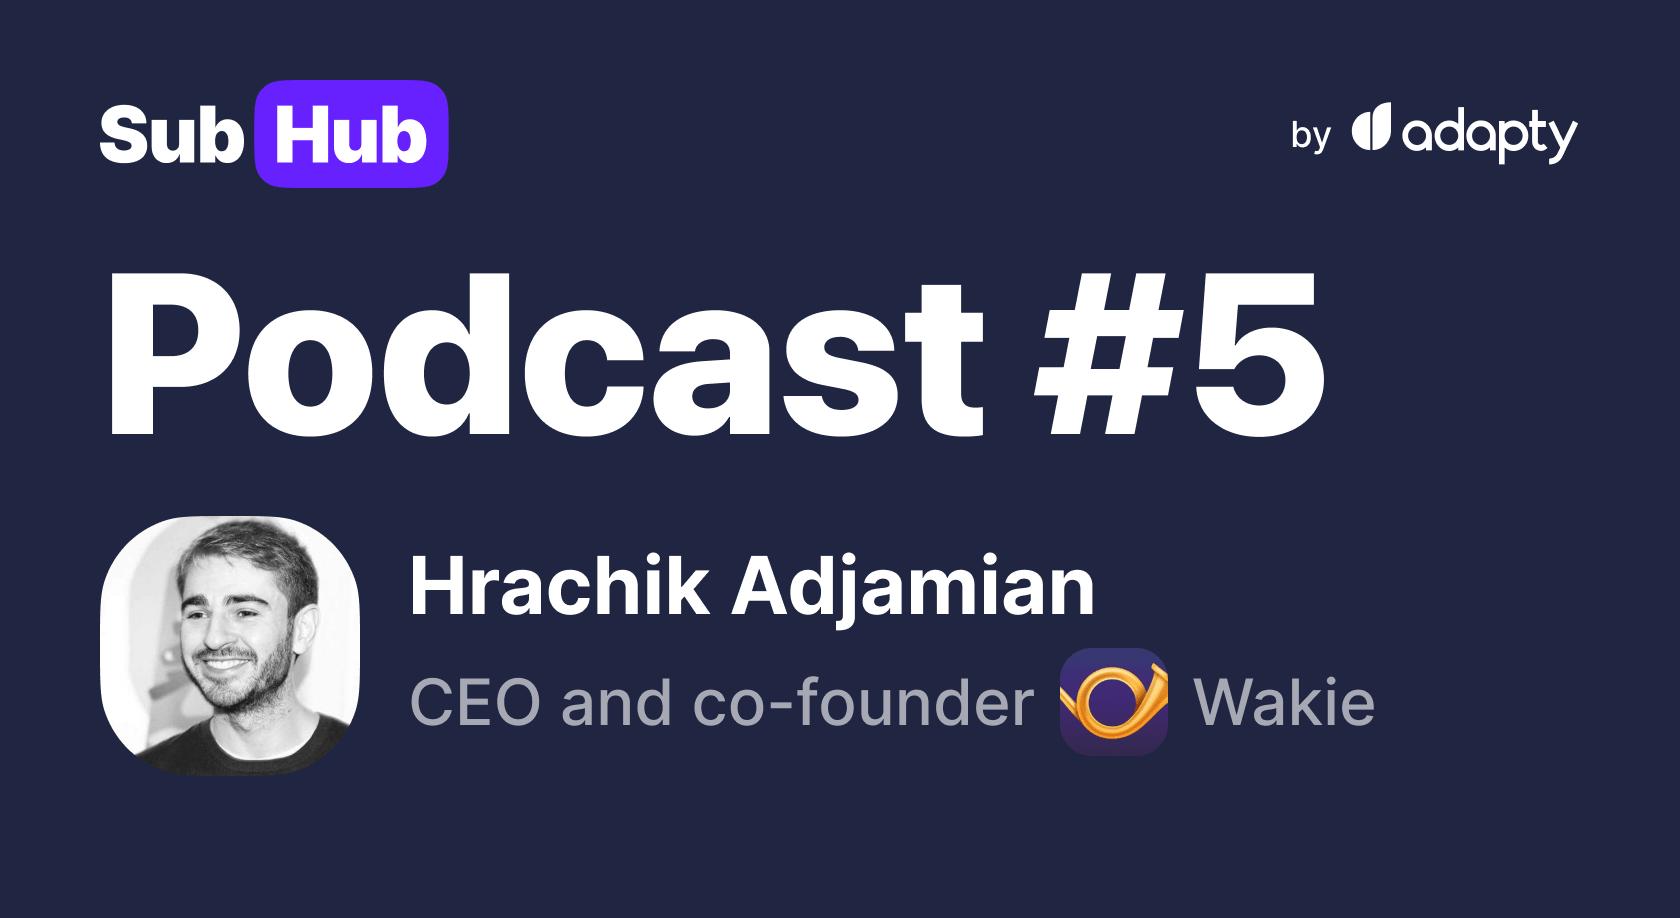 #5 SubHub Podcast: Hrachik Adjamian from Wakie